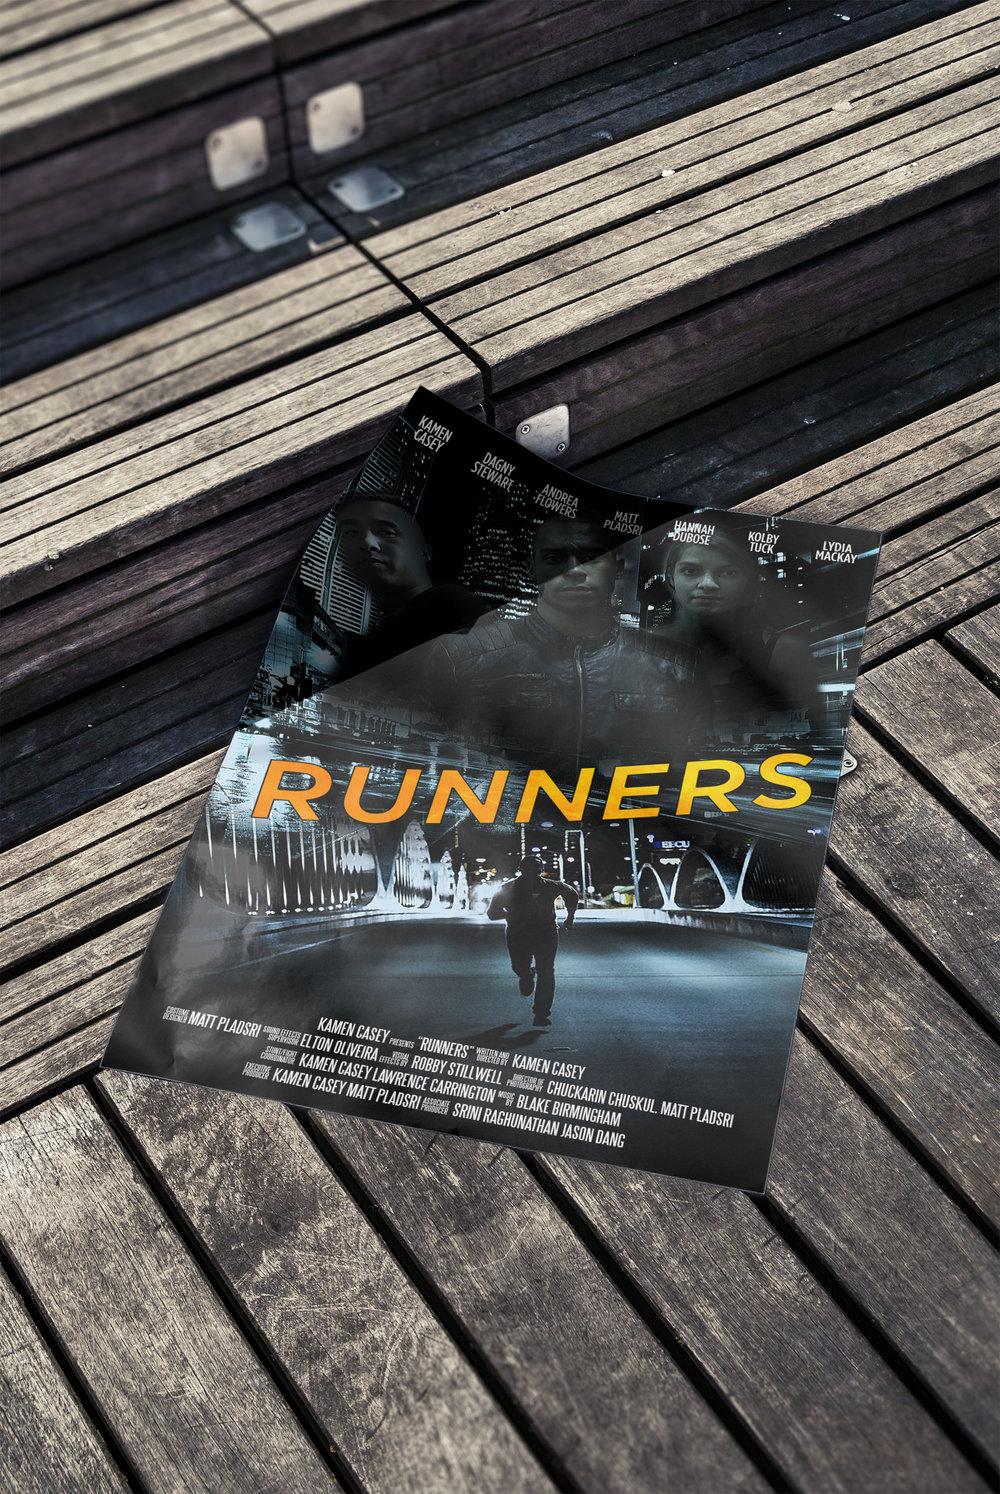 Runners - Poster Mock-up_vertical.jpg